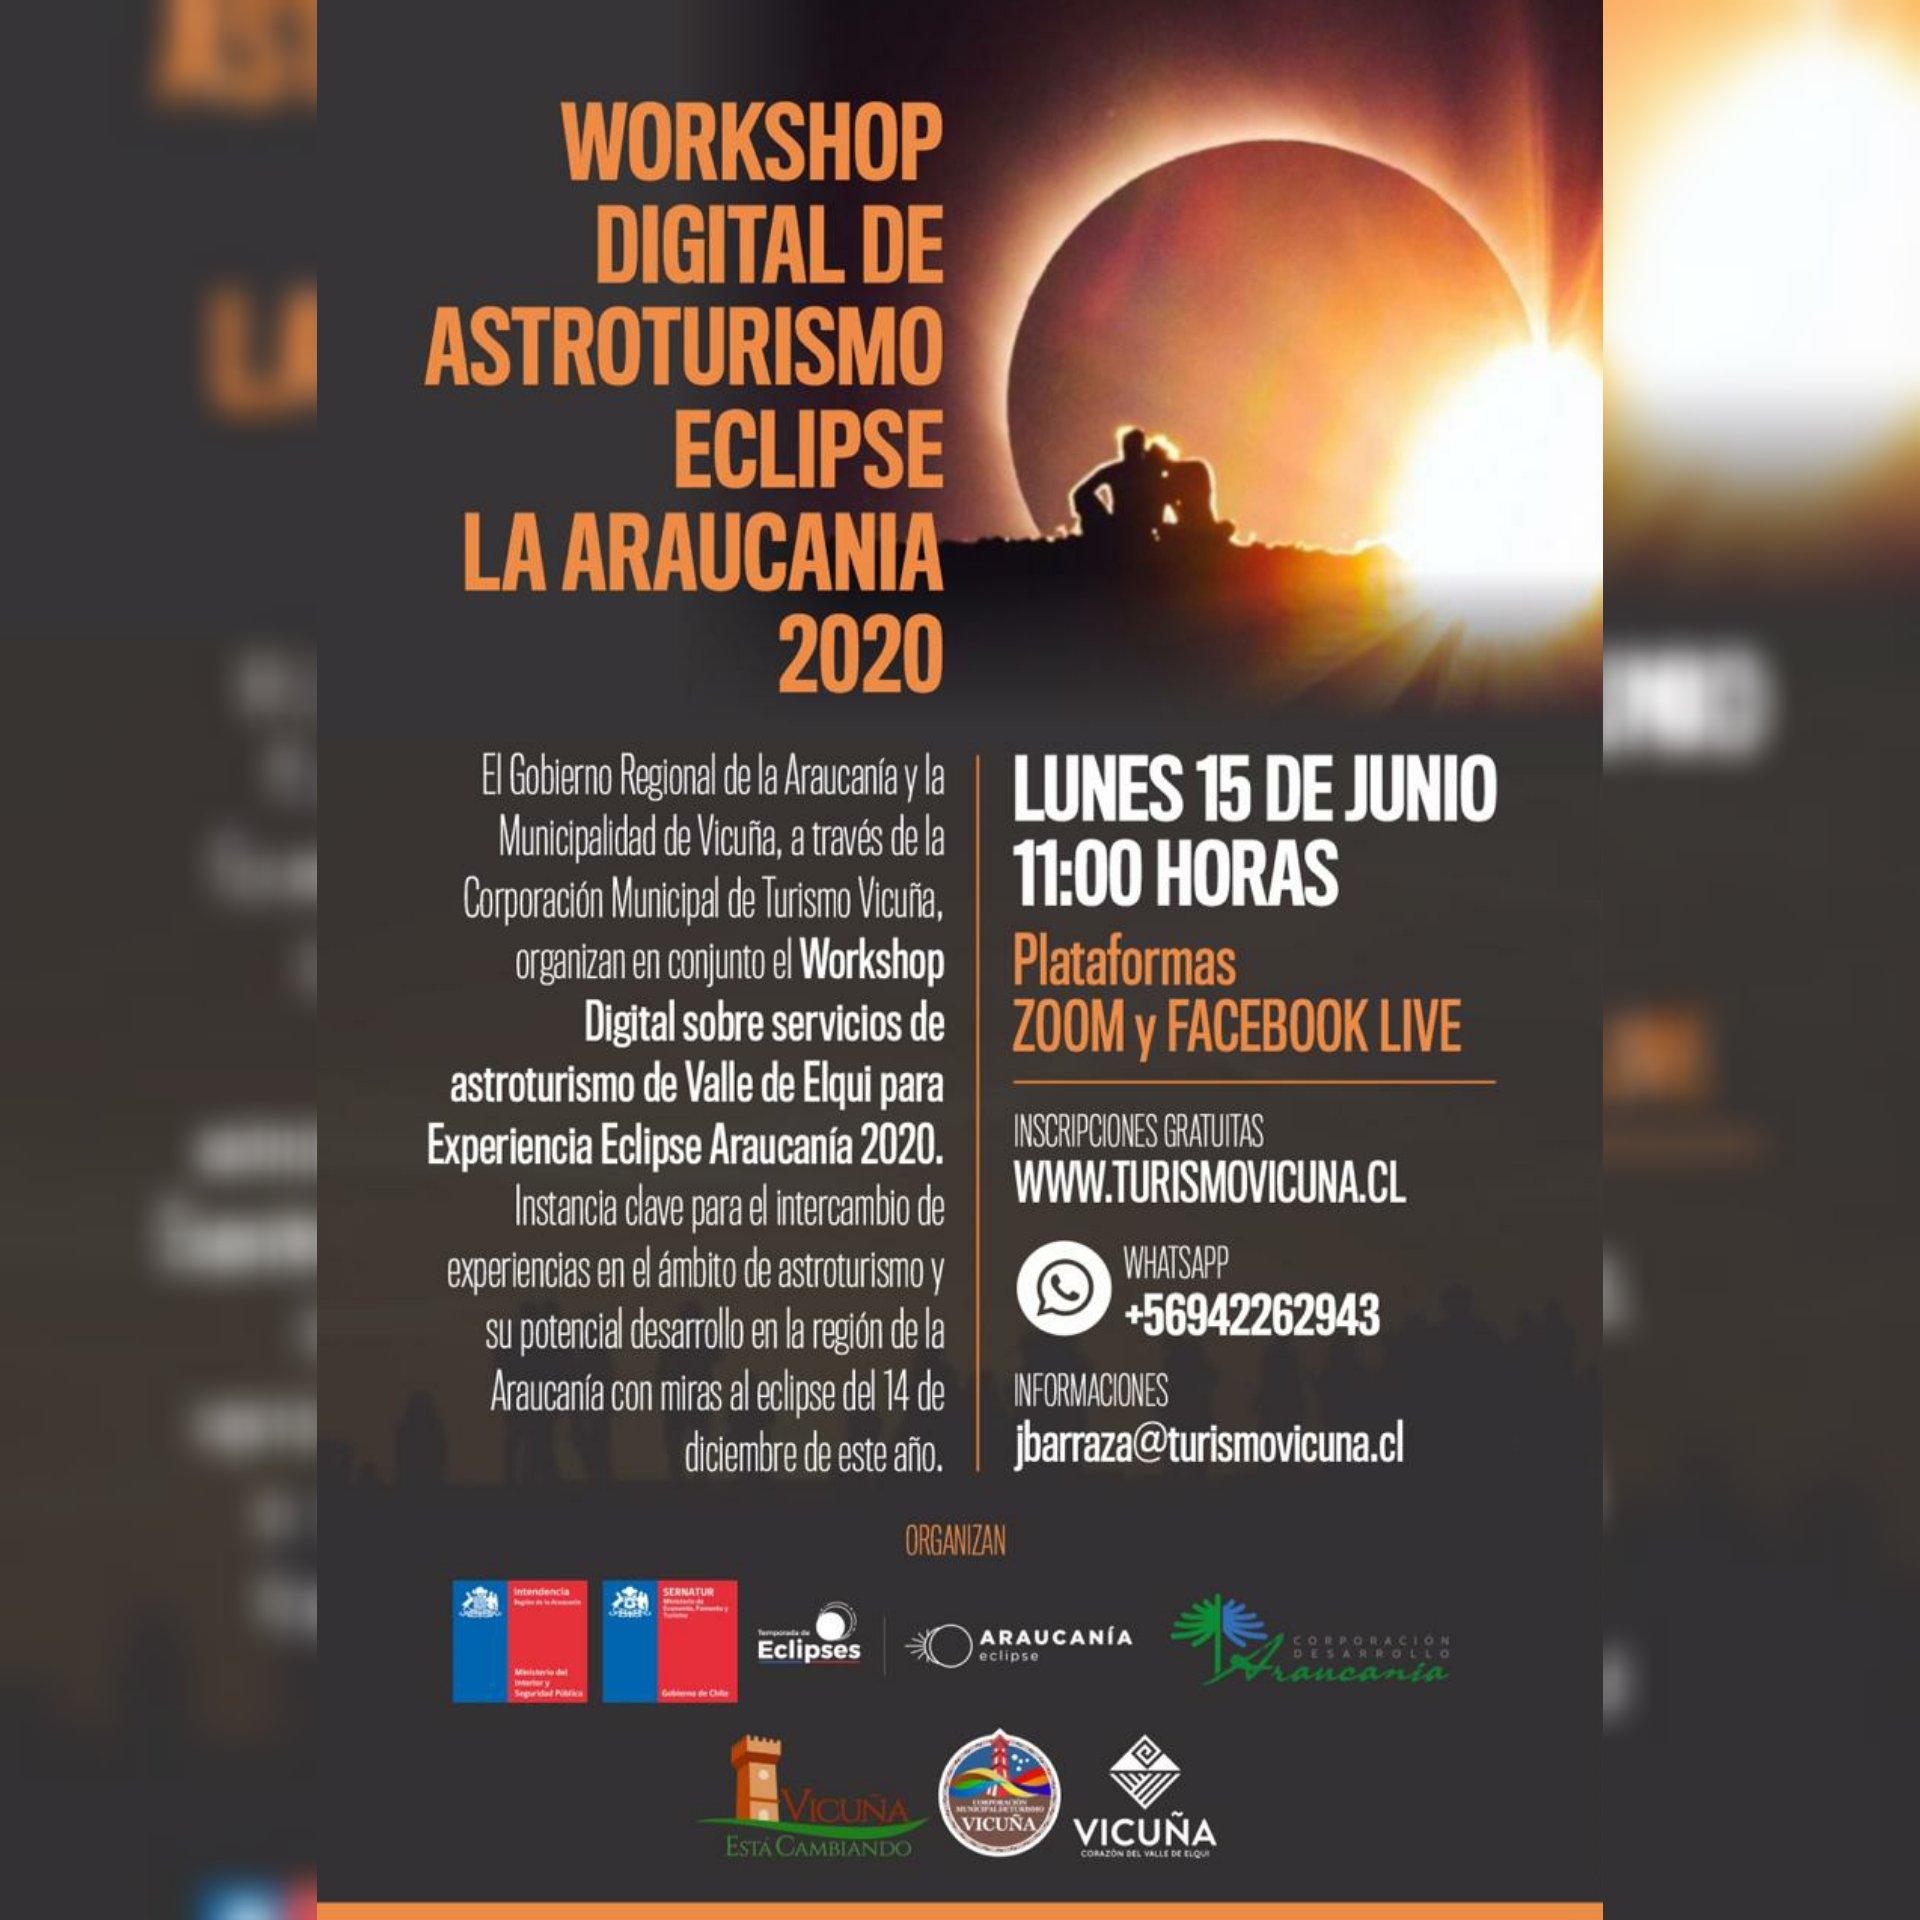 15 de junio: Workshop digital de astroturismo Eclipse #Araucanía 2020